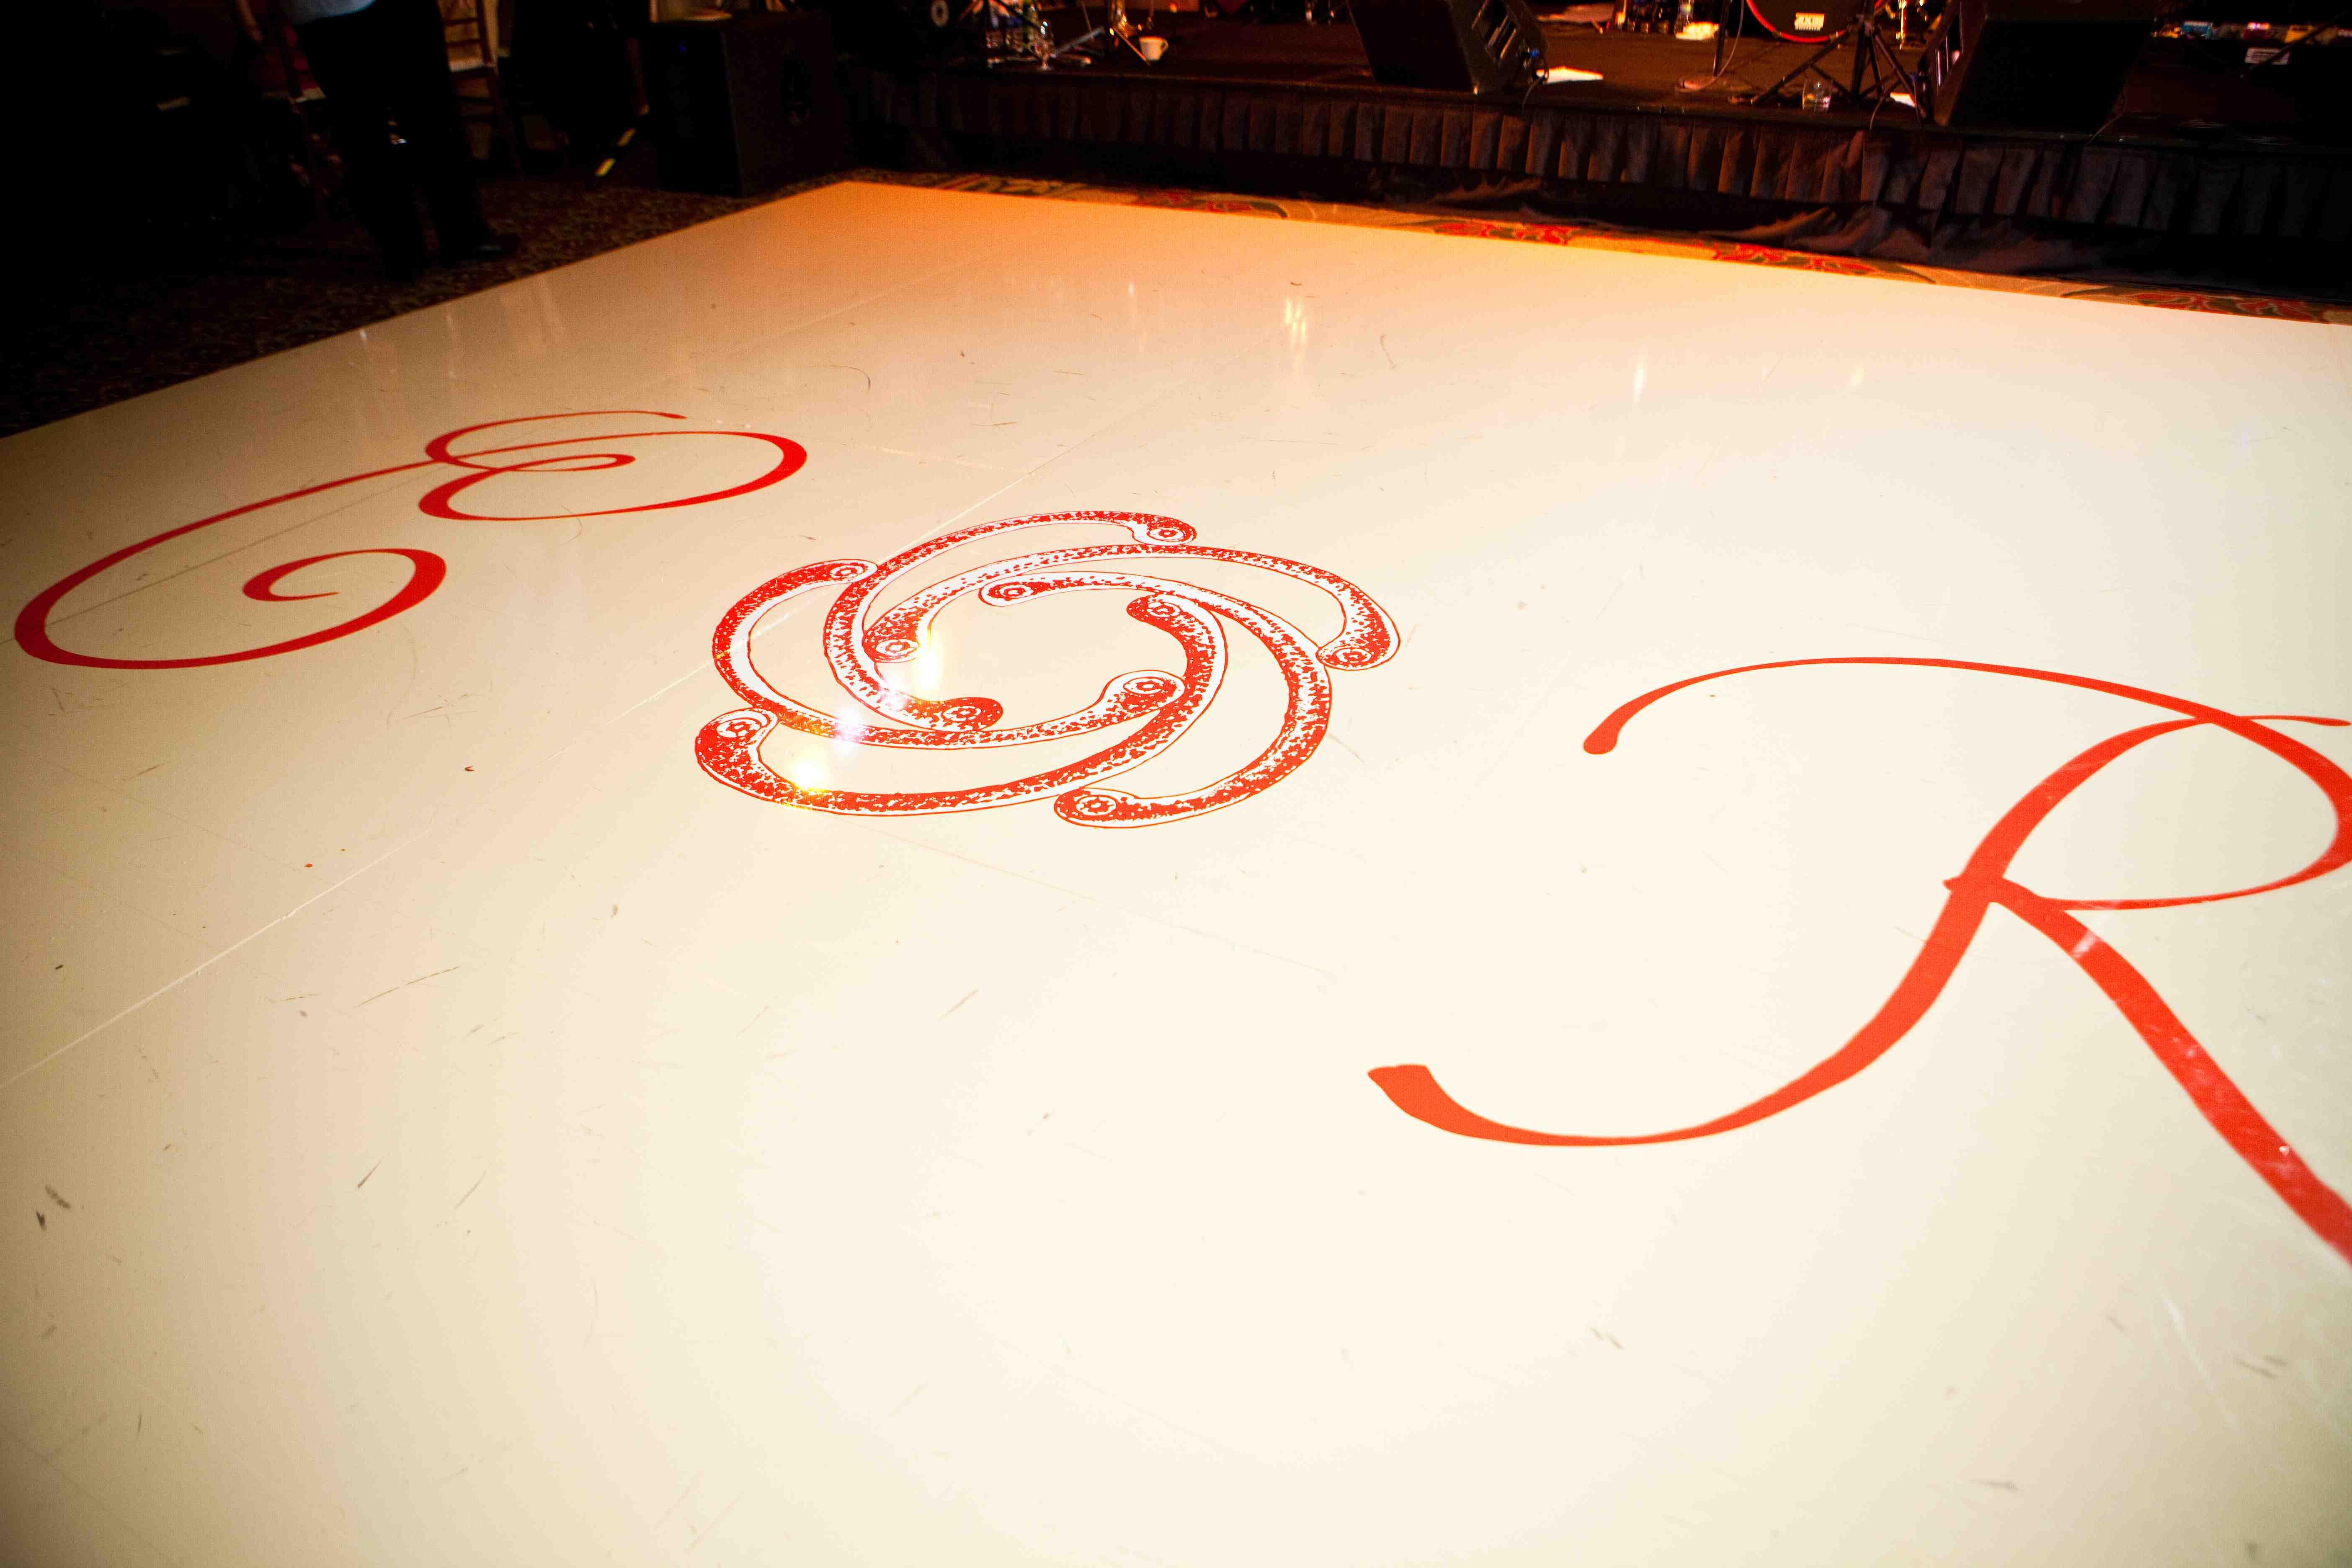 couple's initials on wedding dance floor